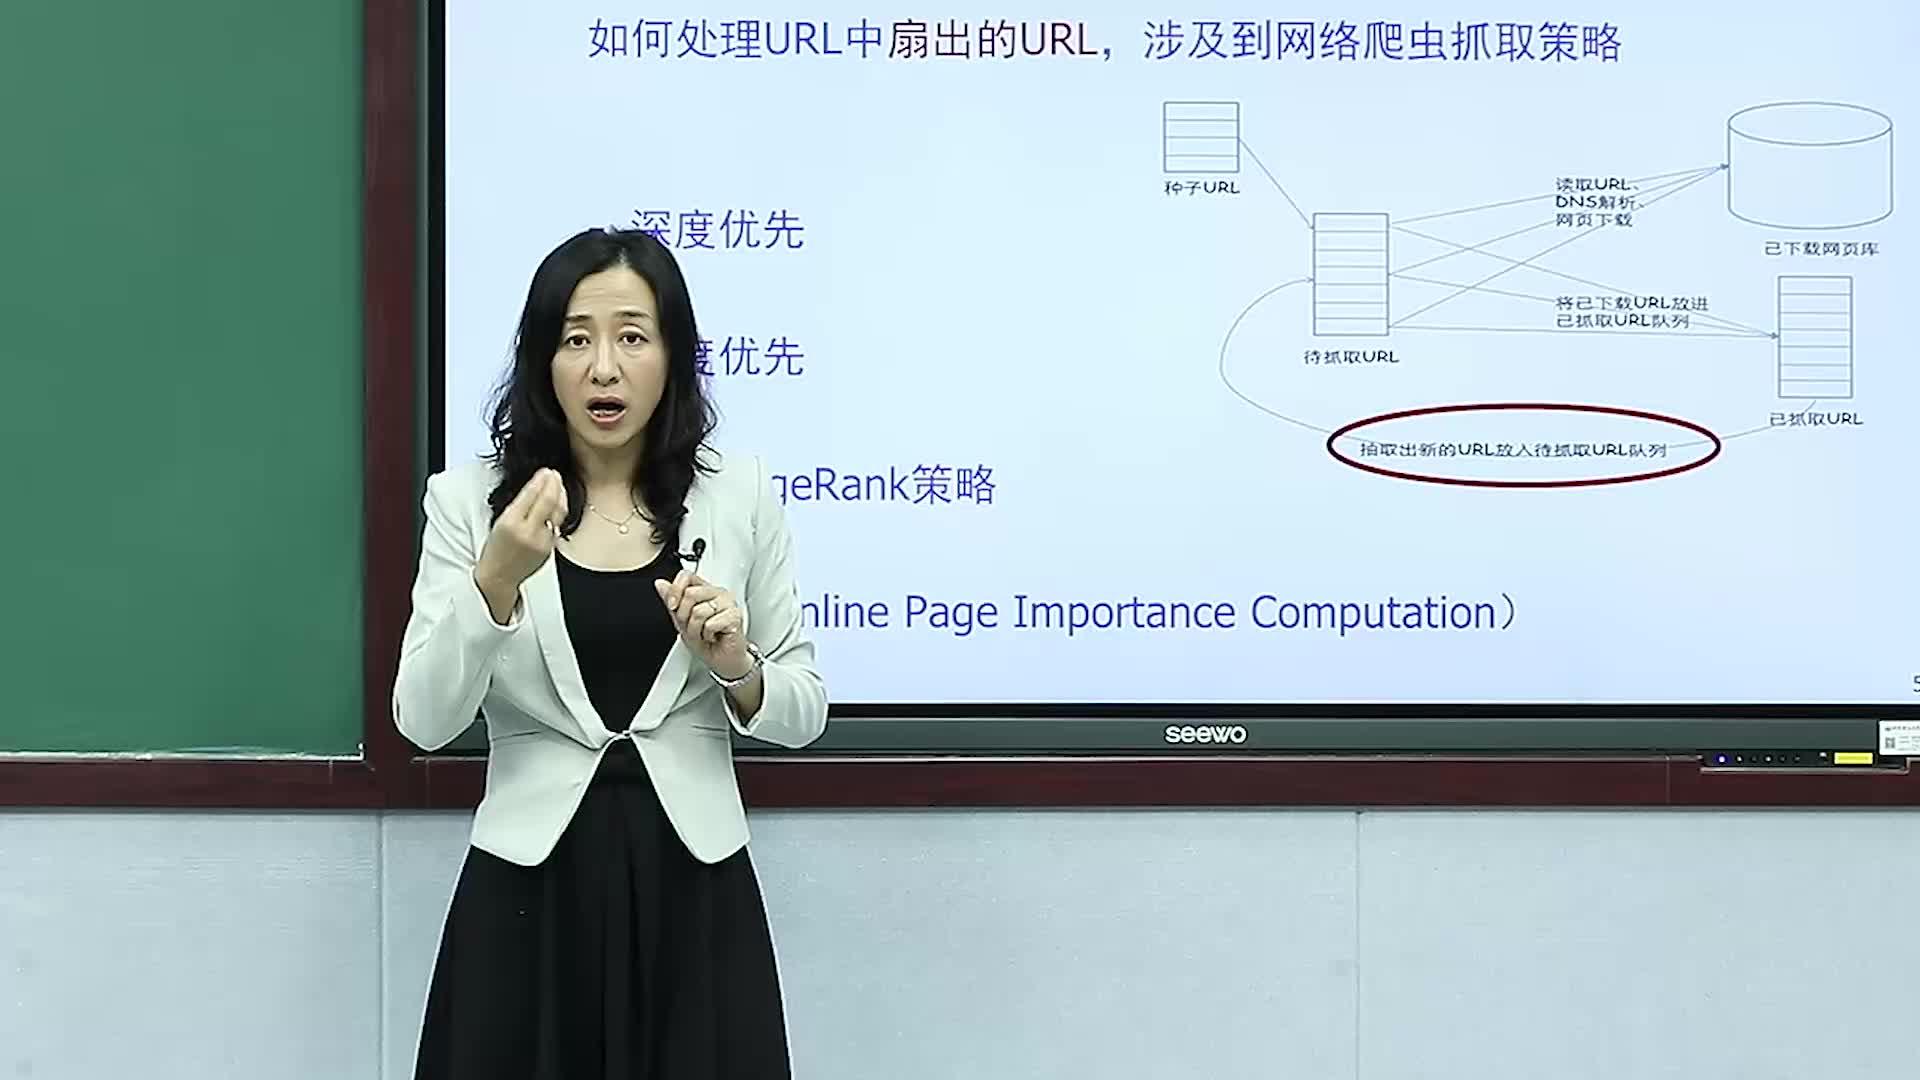 北京理工大学慕课——车海莺:外部数据及获取方法(二)